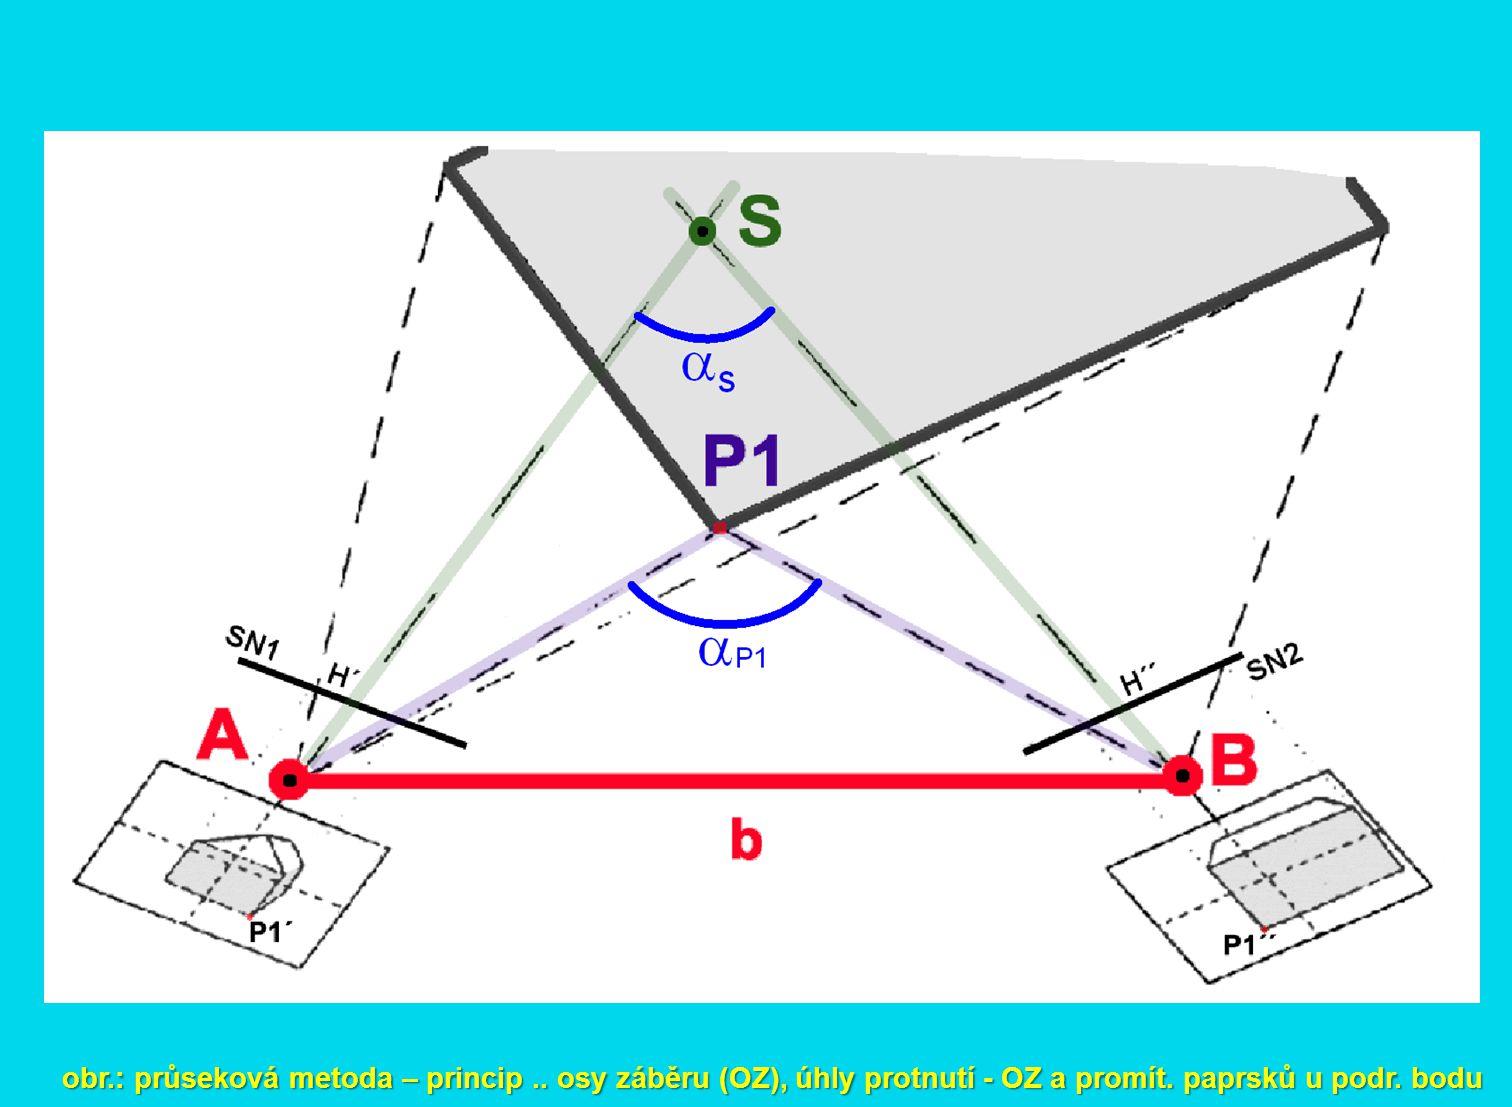 obr.: další zpracování vektorových dat